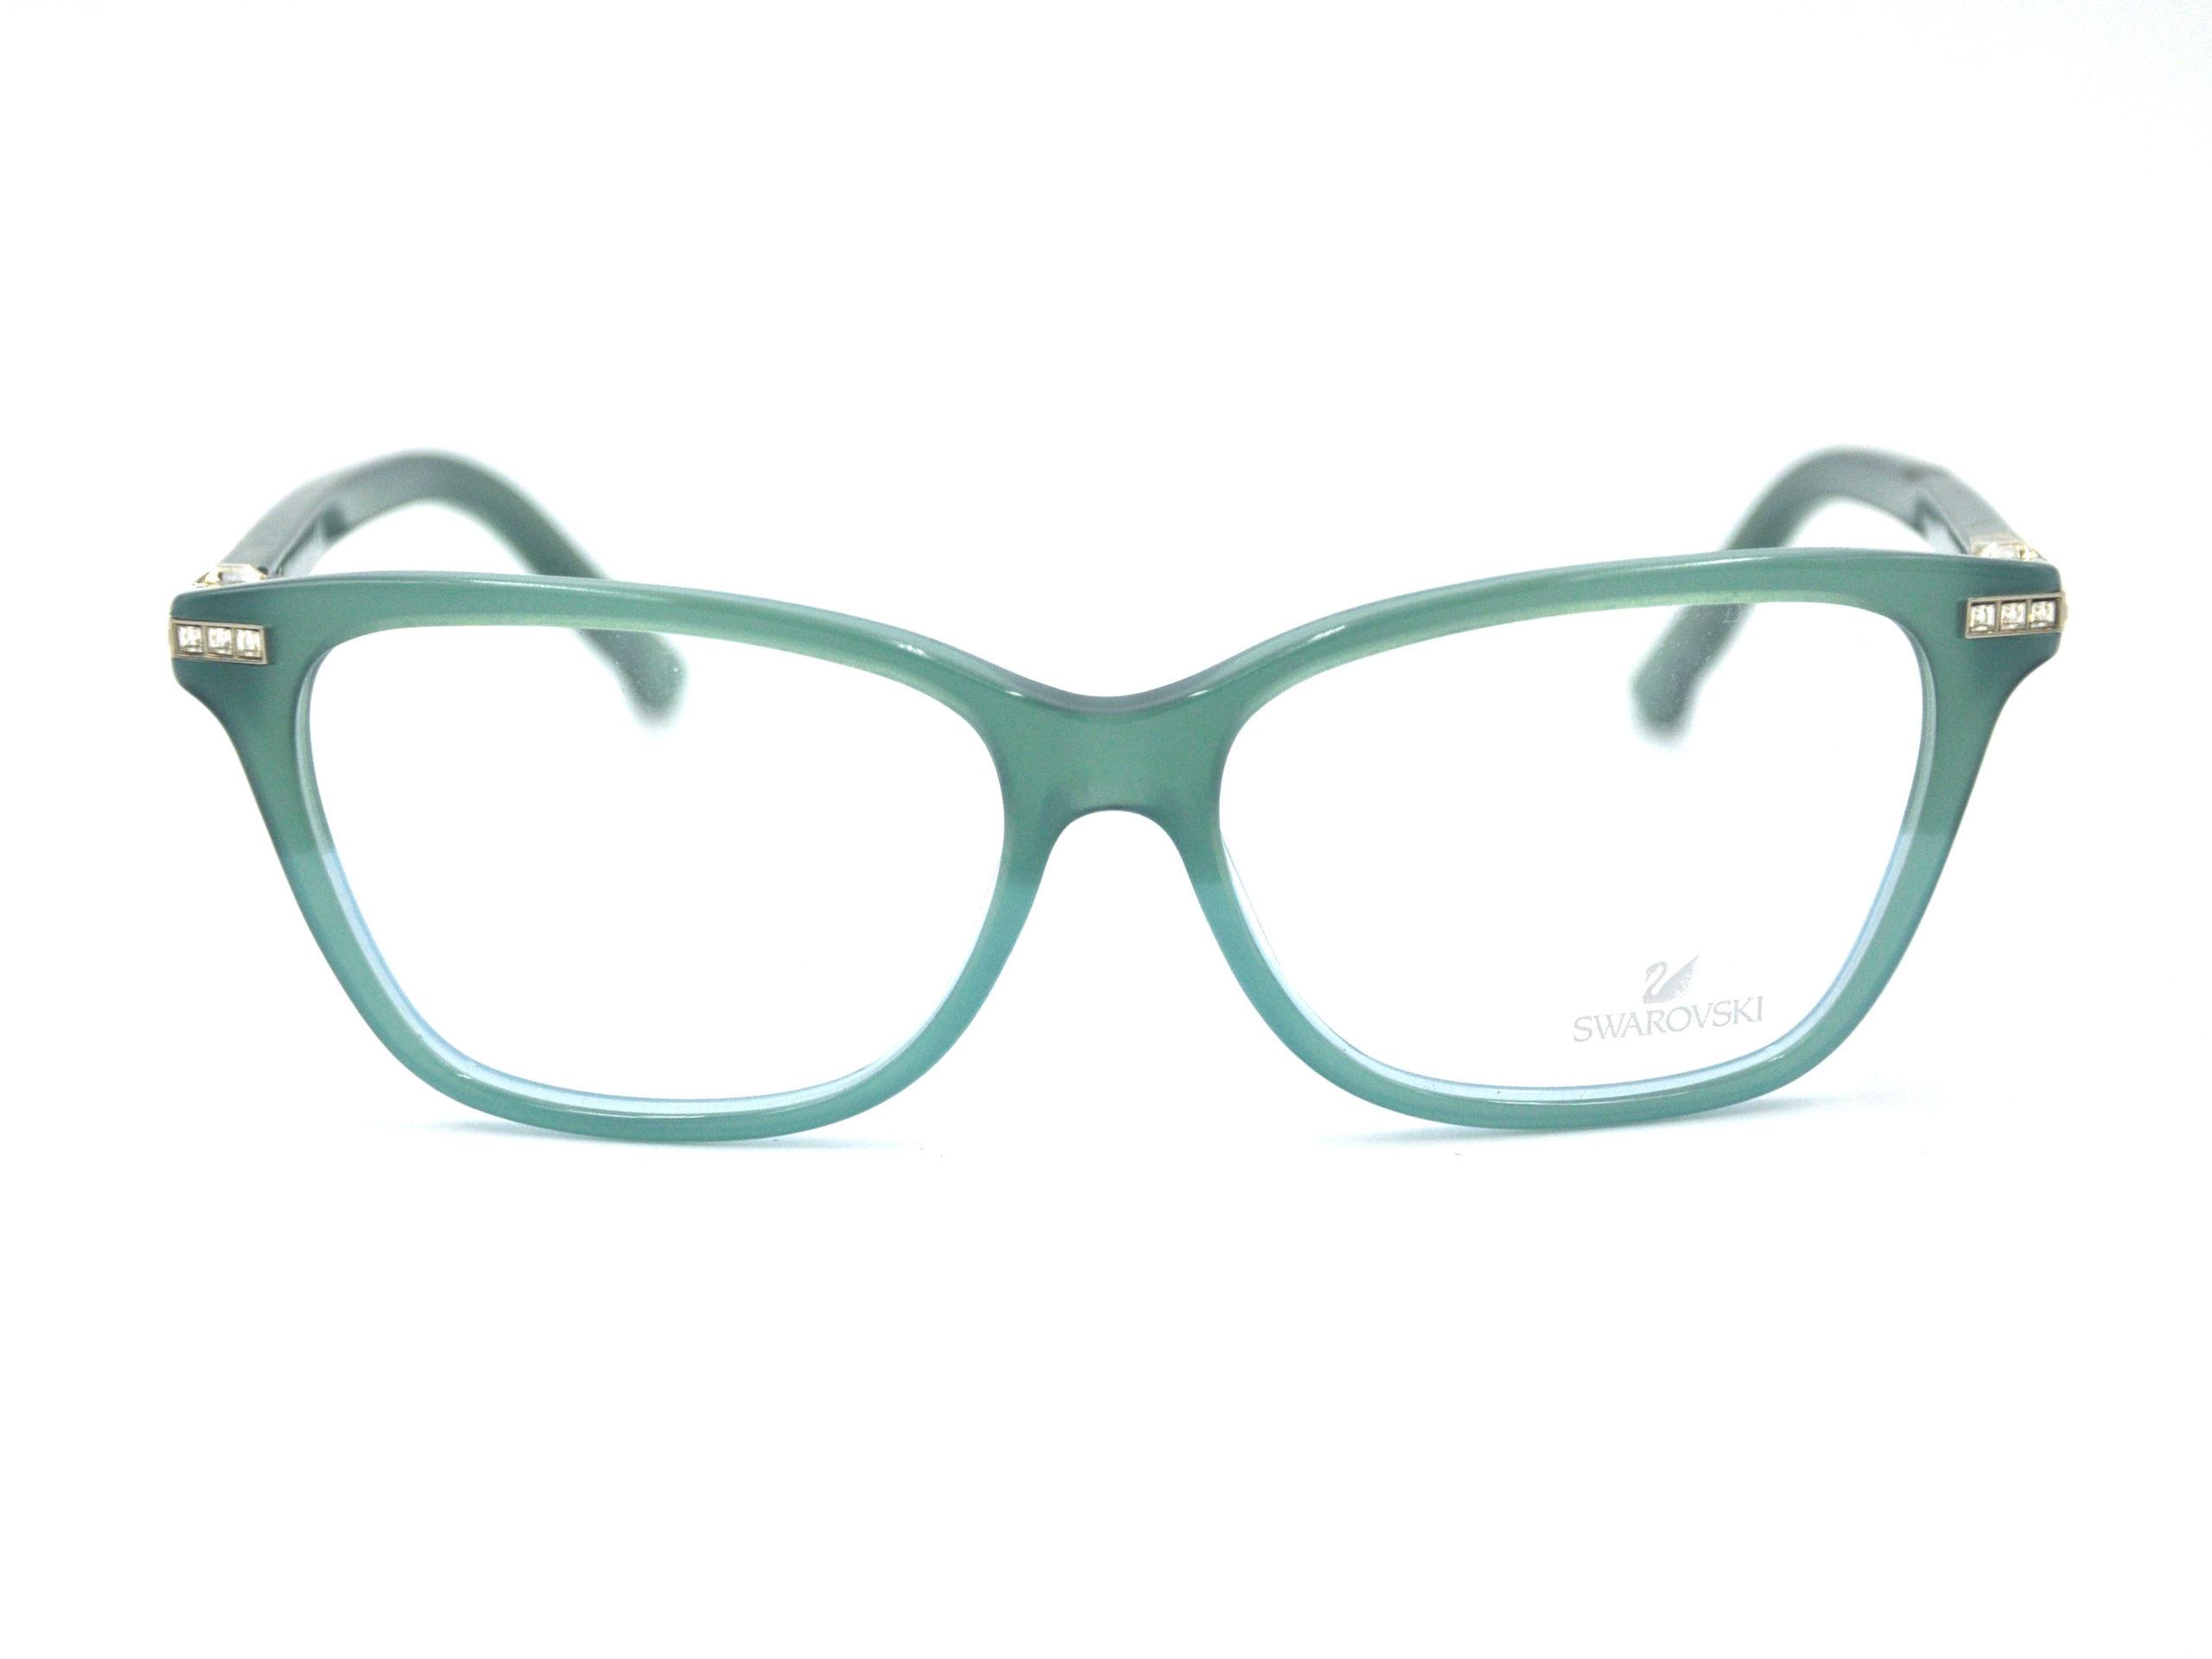 Γυαλιά οράσεως SWAROVSKI FAME SW5153 098 Πειραιάς